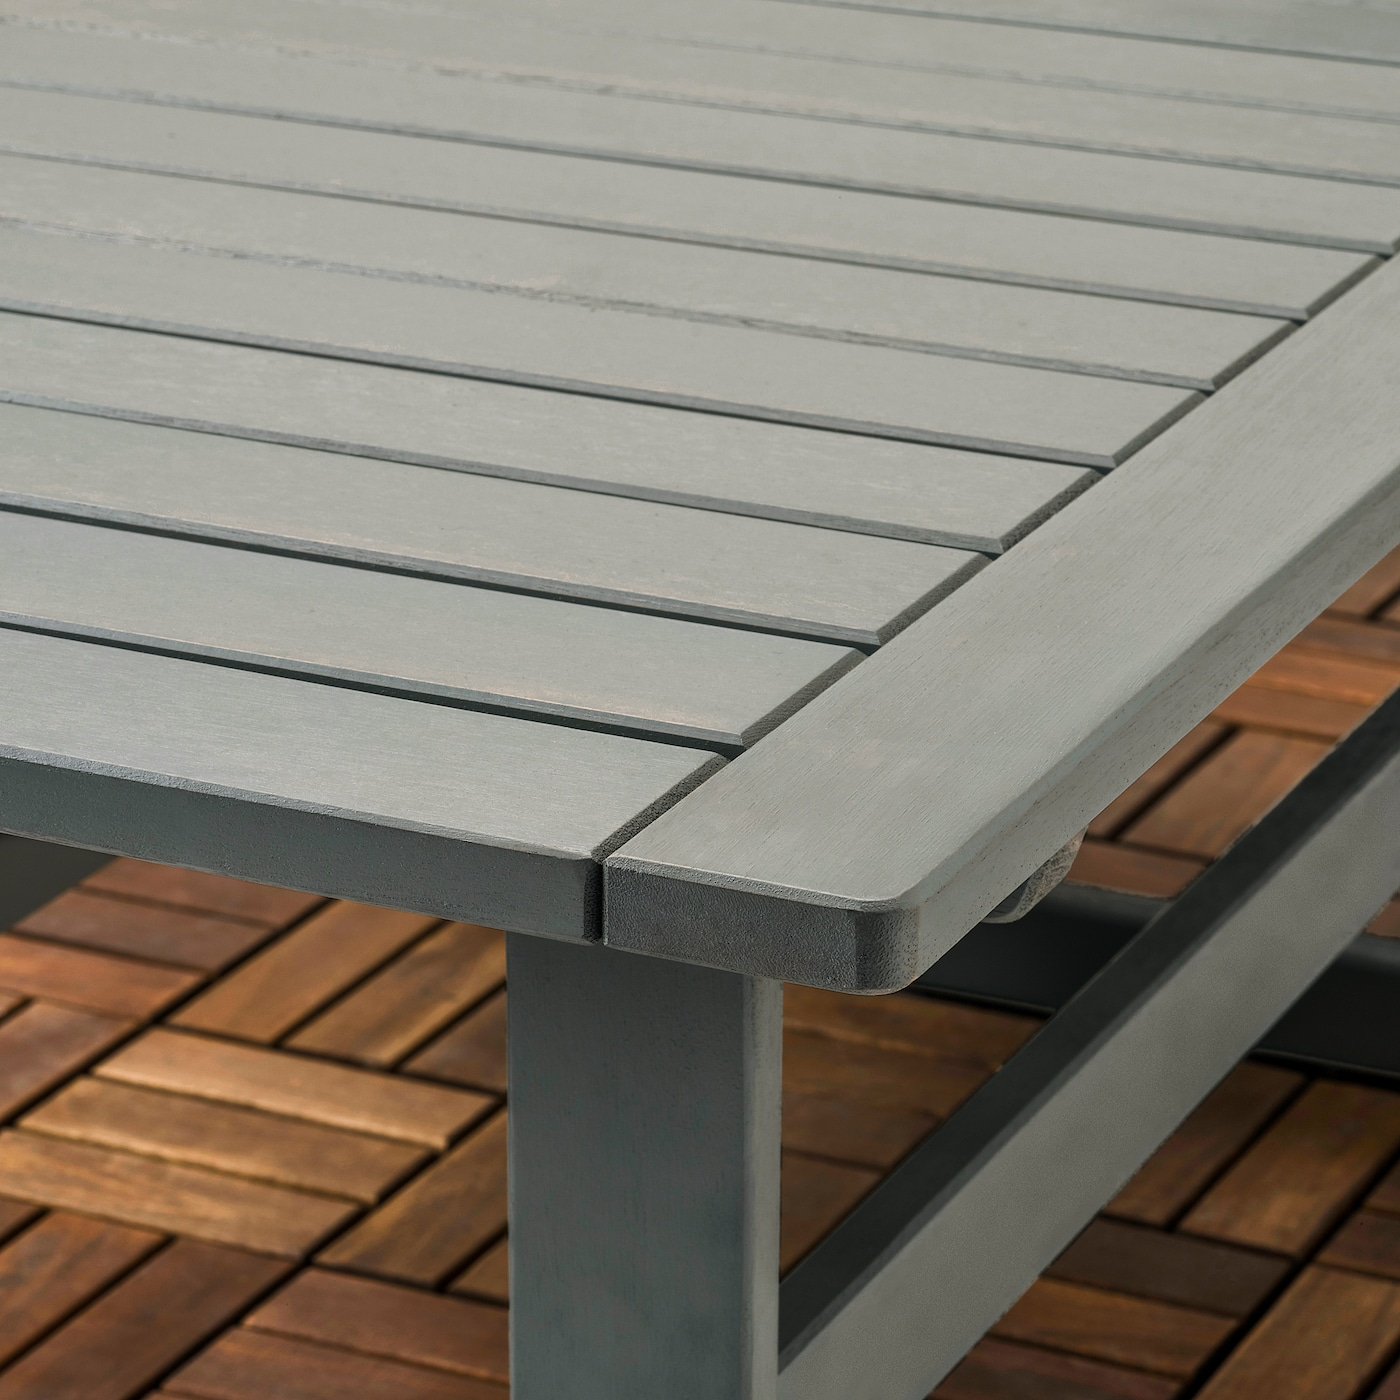 BONDHOLMEN 4-seat conversation set, outdoor grey stained/Frösön/Duvholmen beige